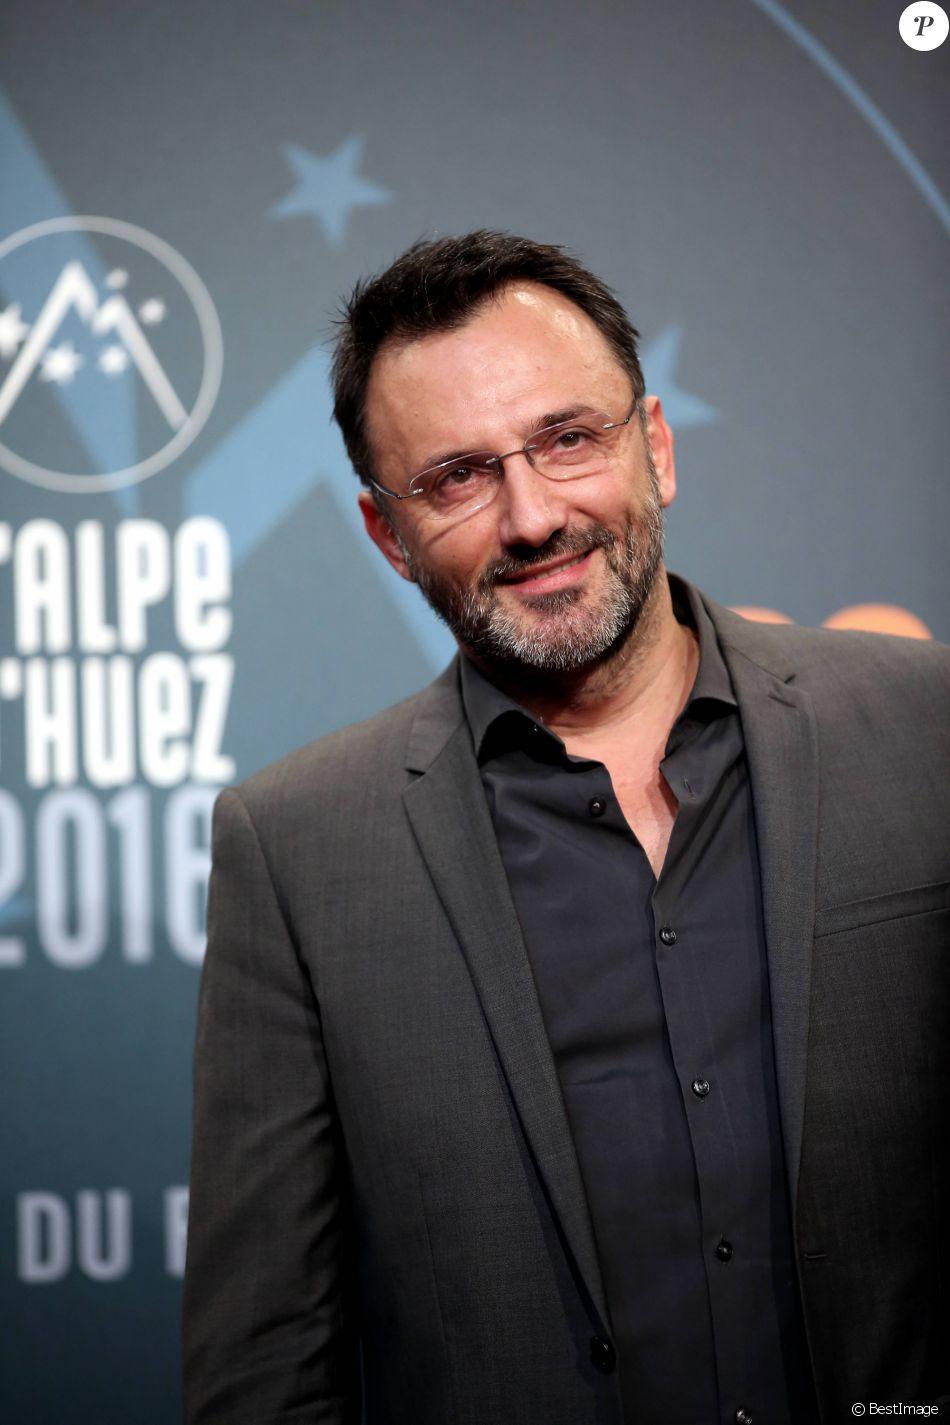 Festival Lopez De International Du Comédie Film Frédéric L 19e JlFKc1